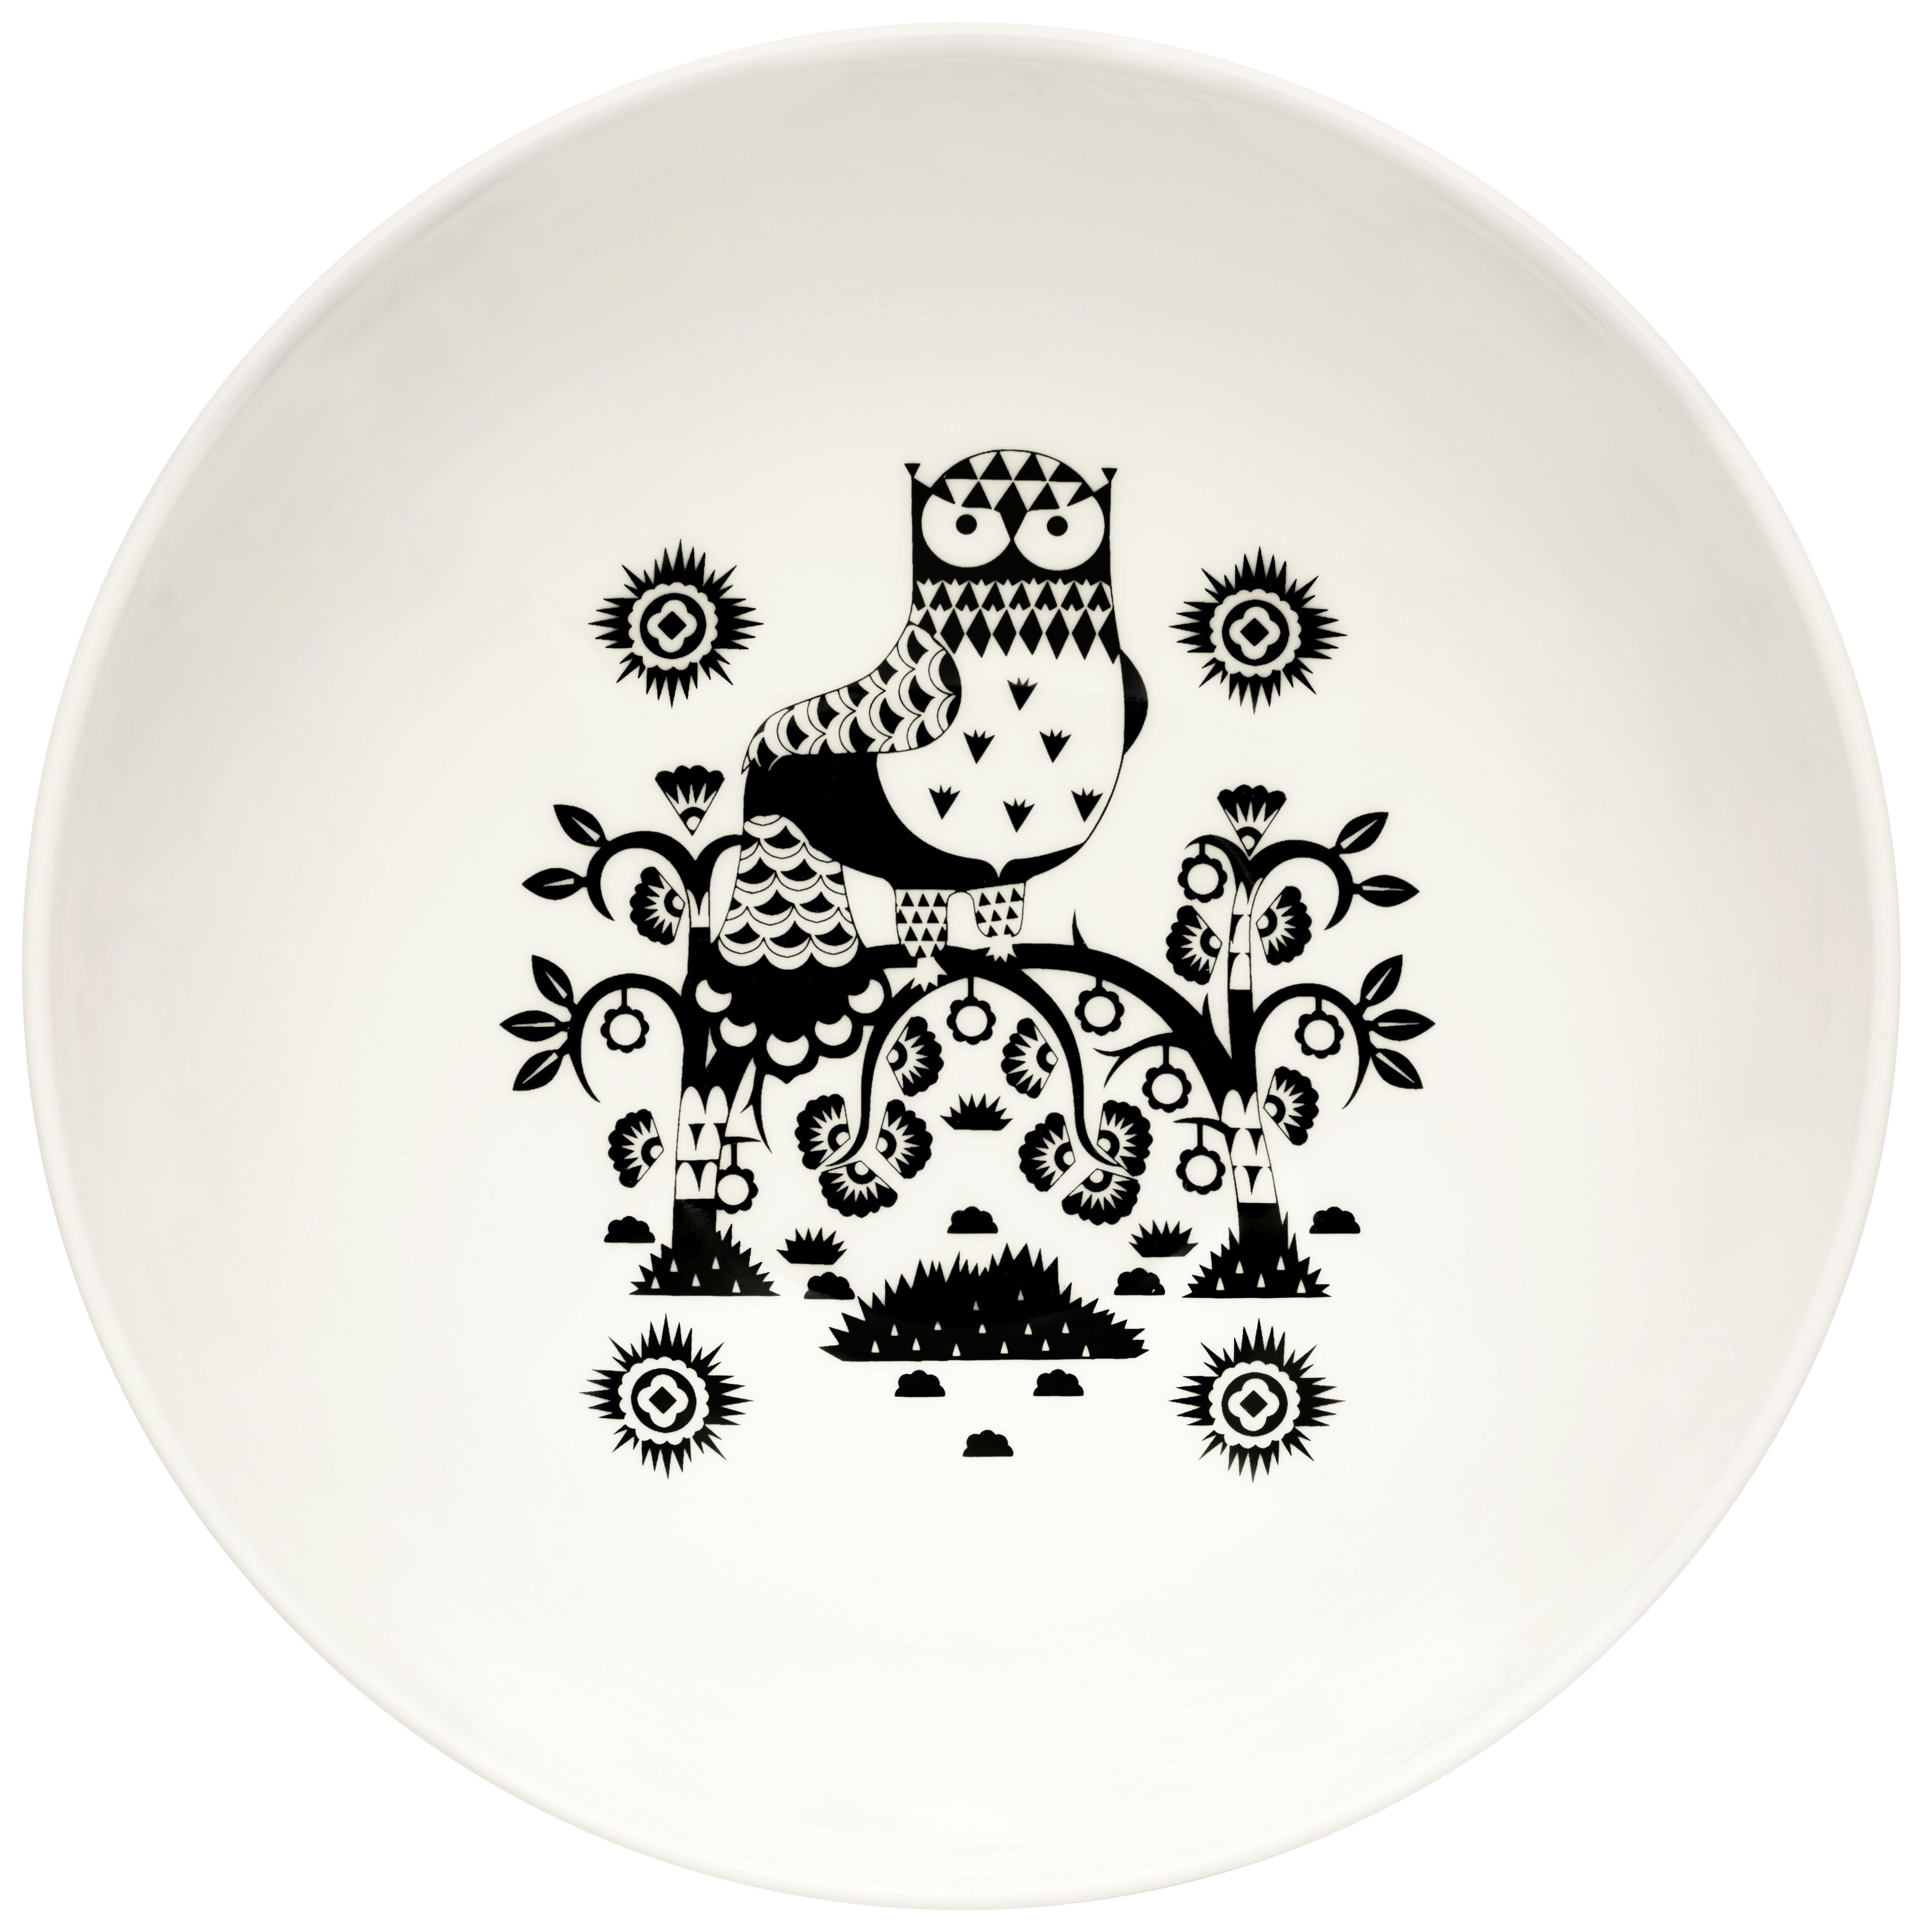 Tischkultur - Salatschüsseln und Schalen - Taika Salatschüssel / 1,45 l - Iittala - Schwarz / weiß - Porzellan